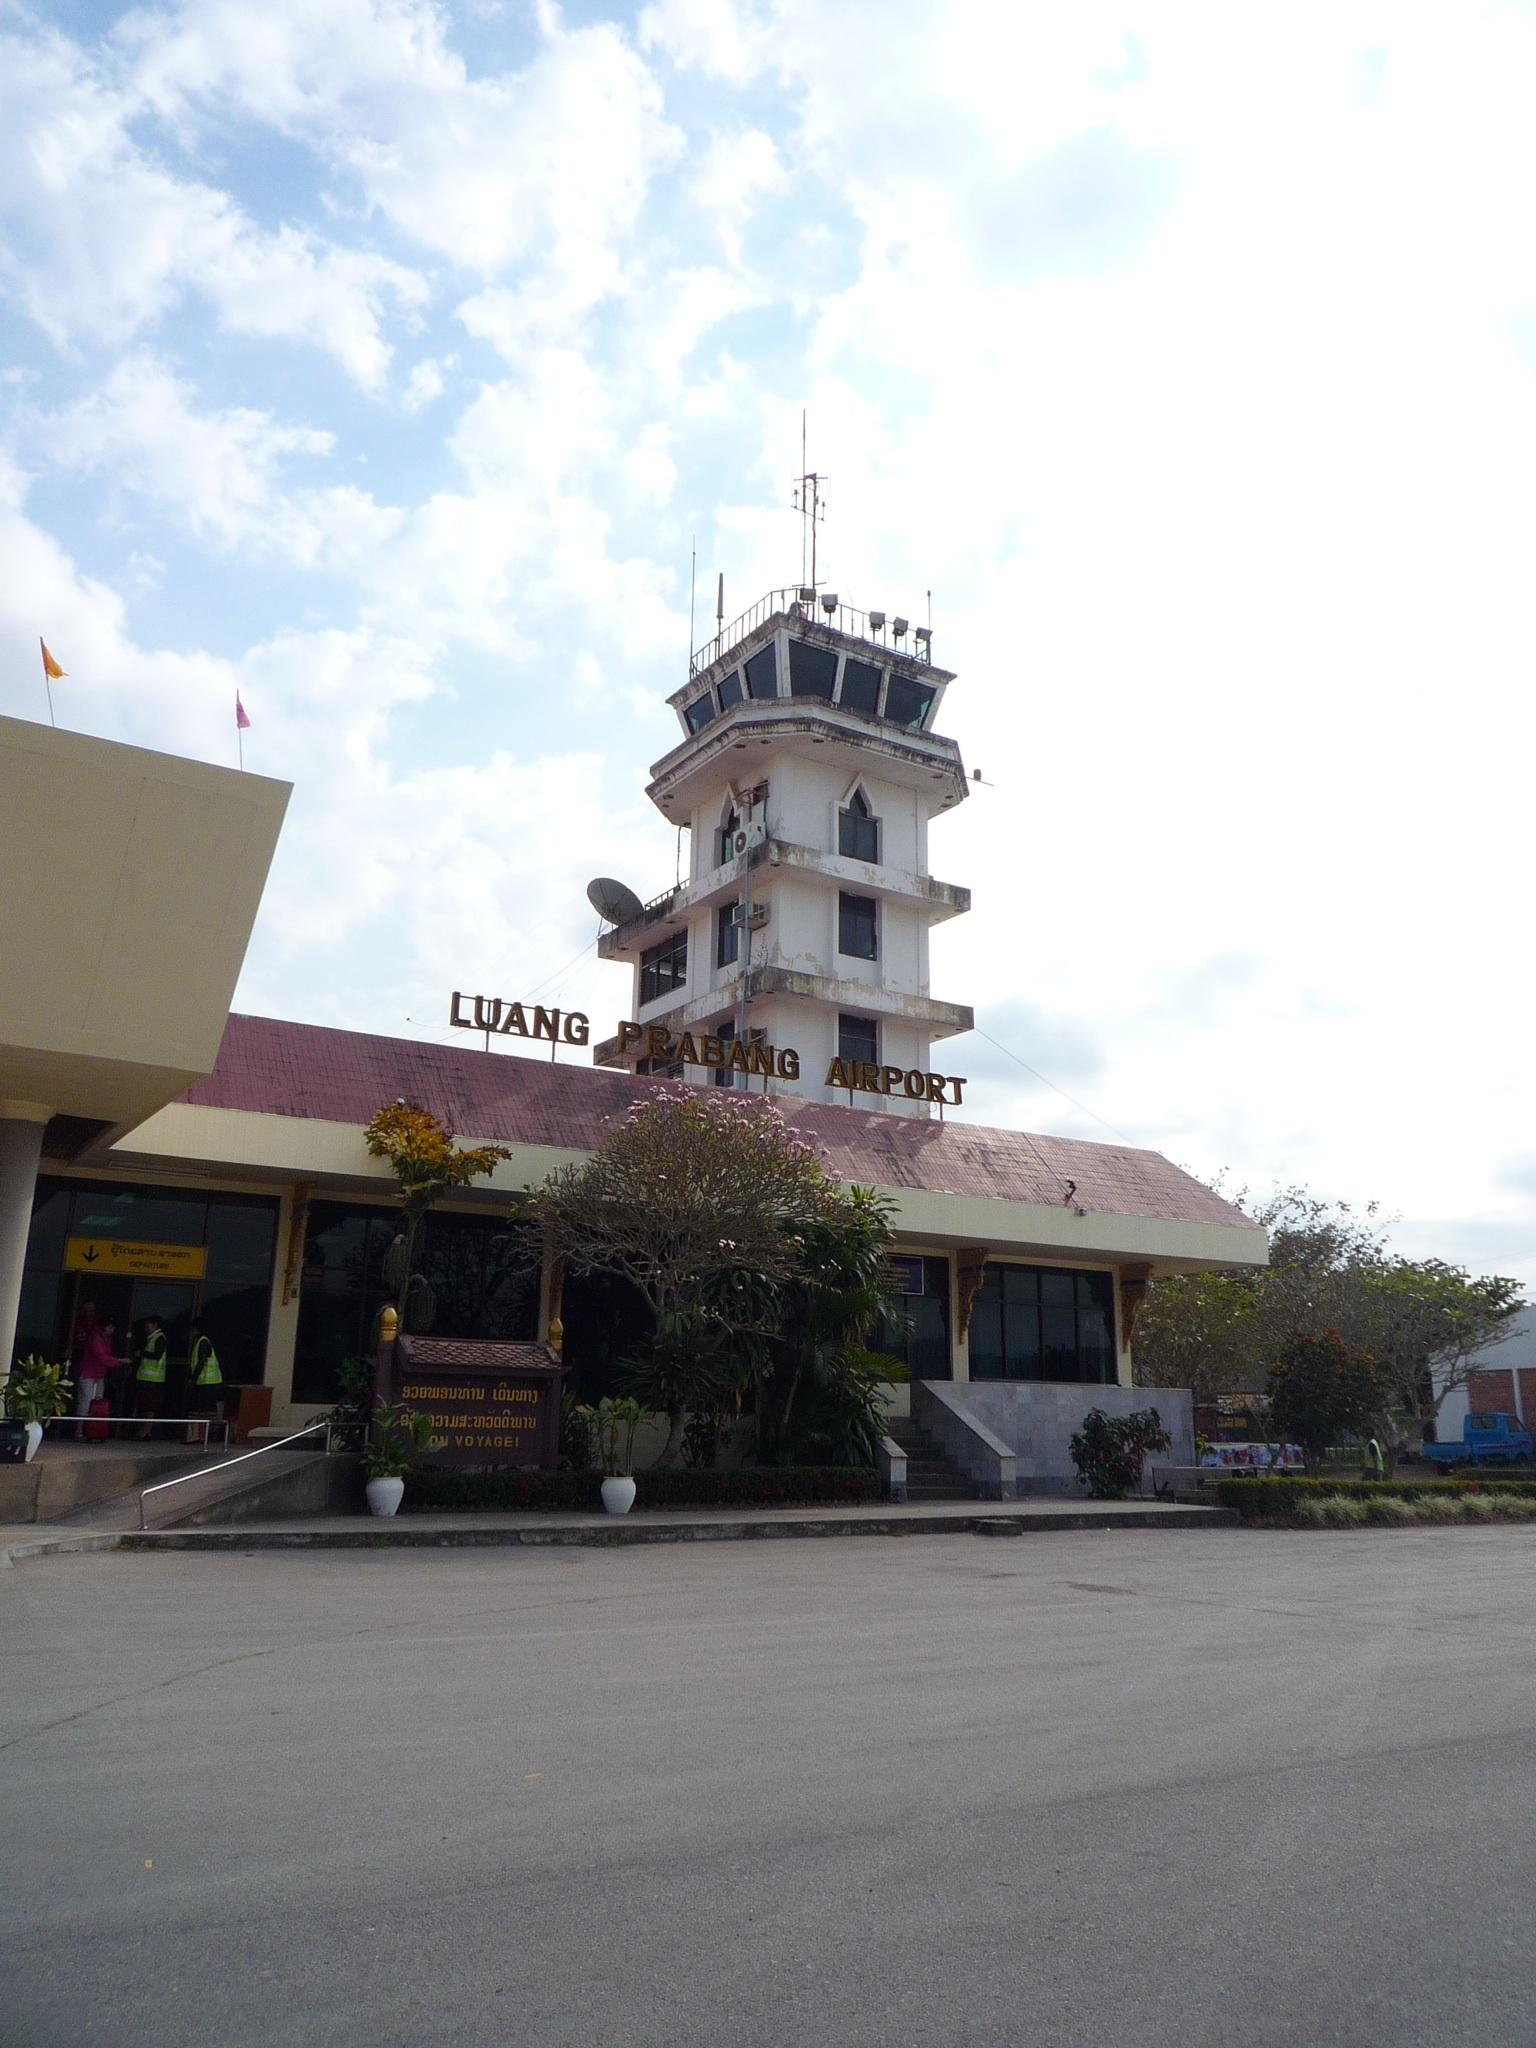 Servus Laos, jetzt geht's direkt nach Kambodscha!